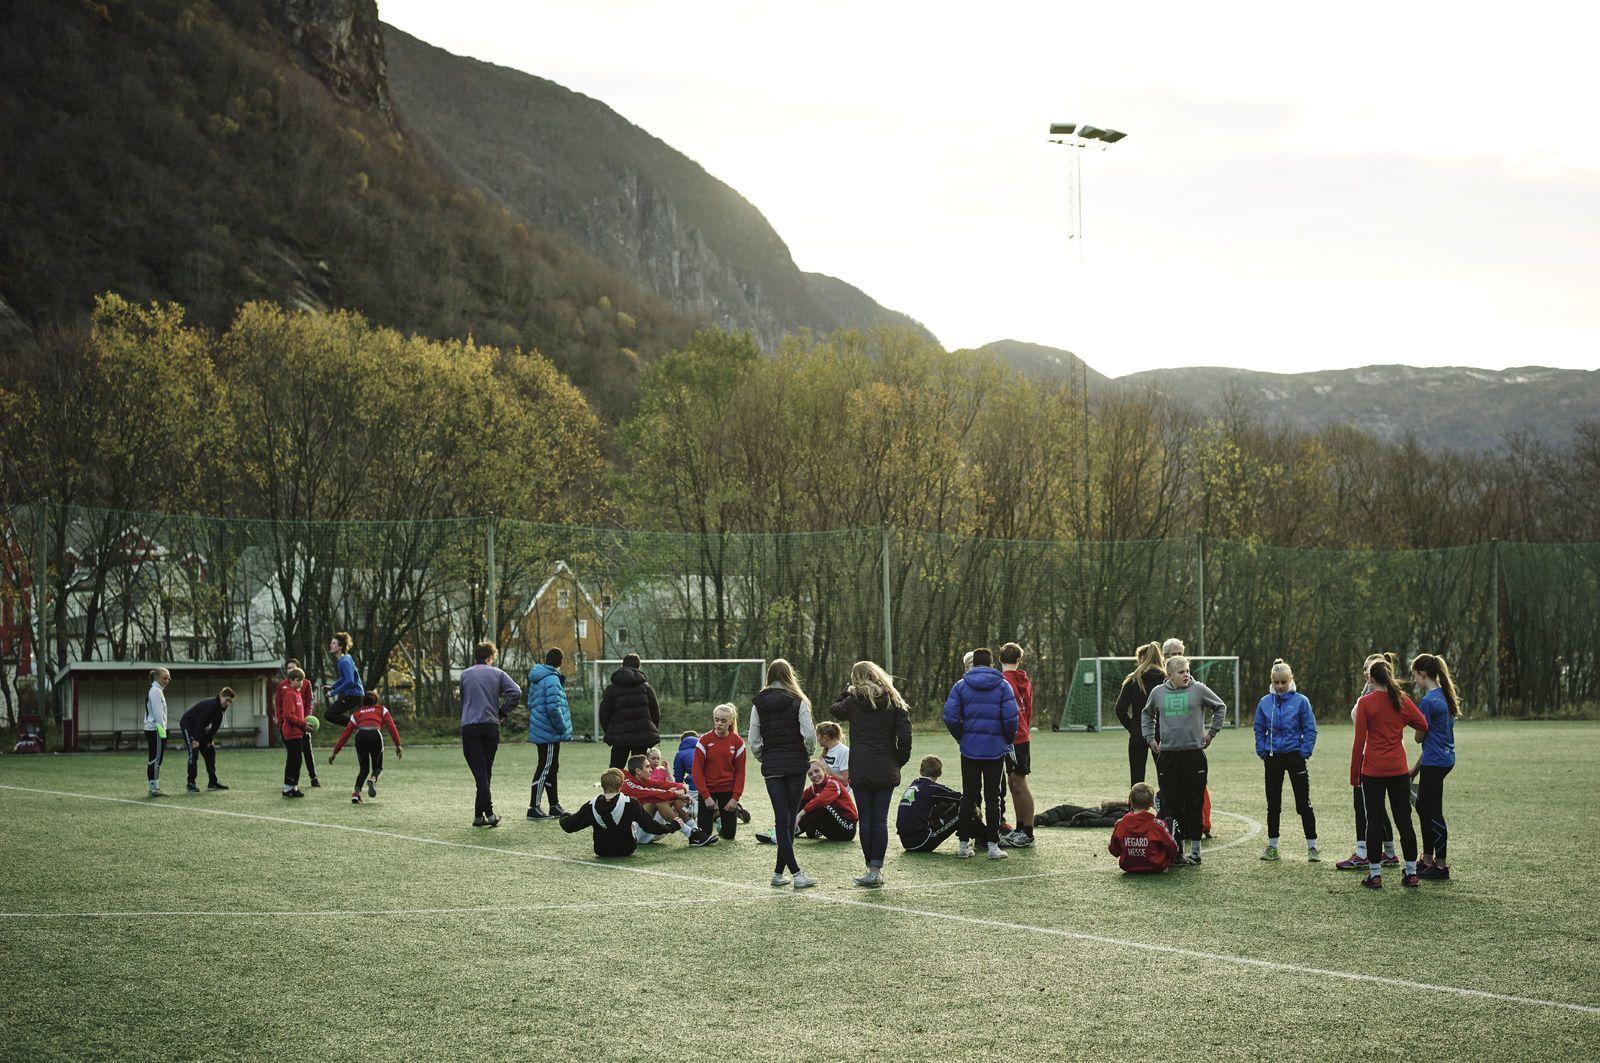 En skoleklasse har gymtime på fotballbanen. Foto: Øivind Haug